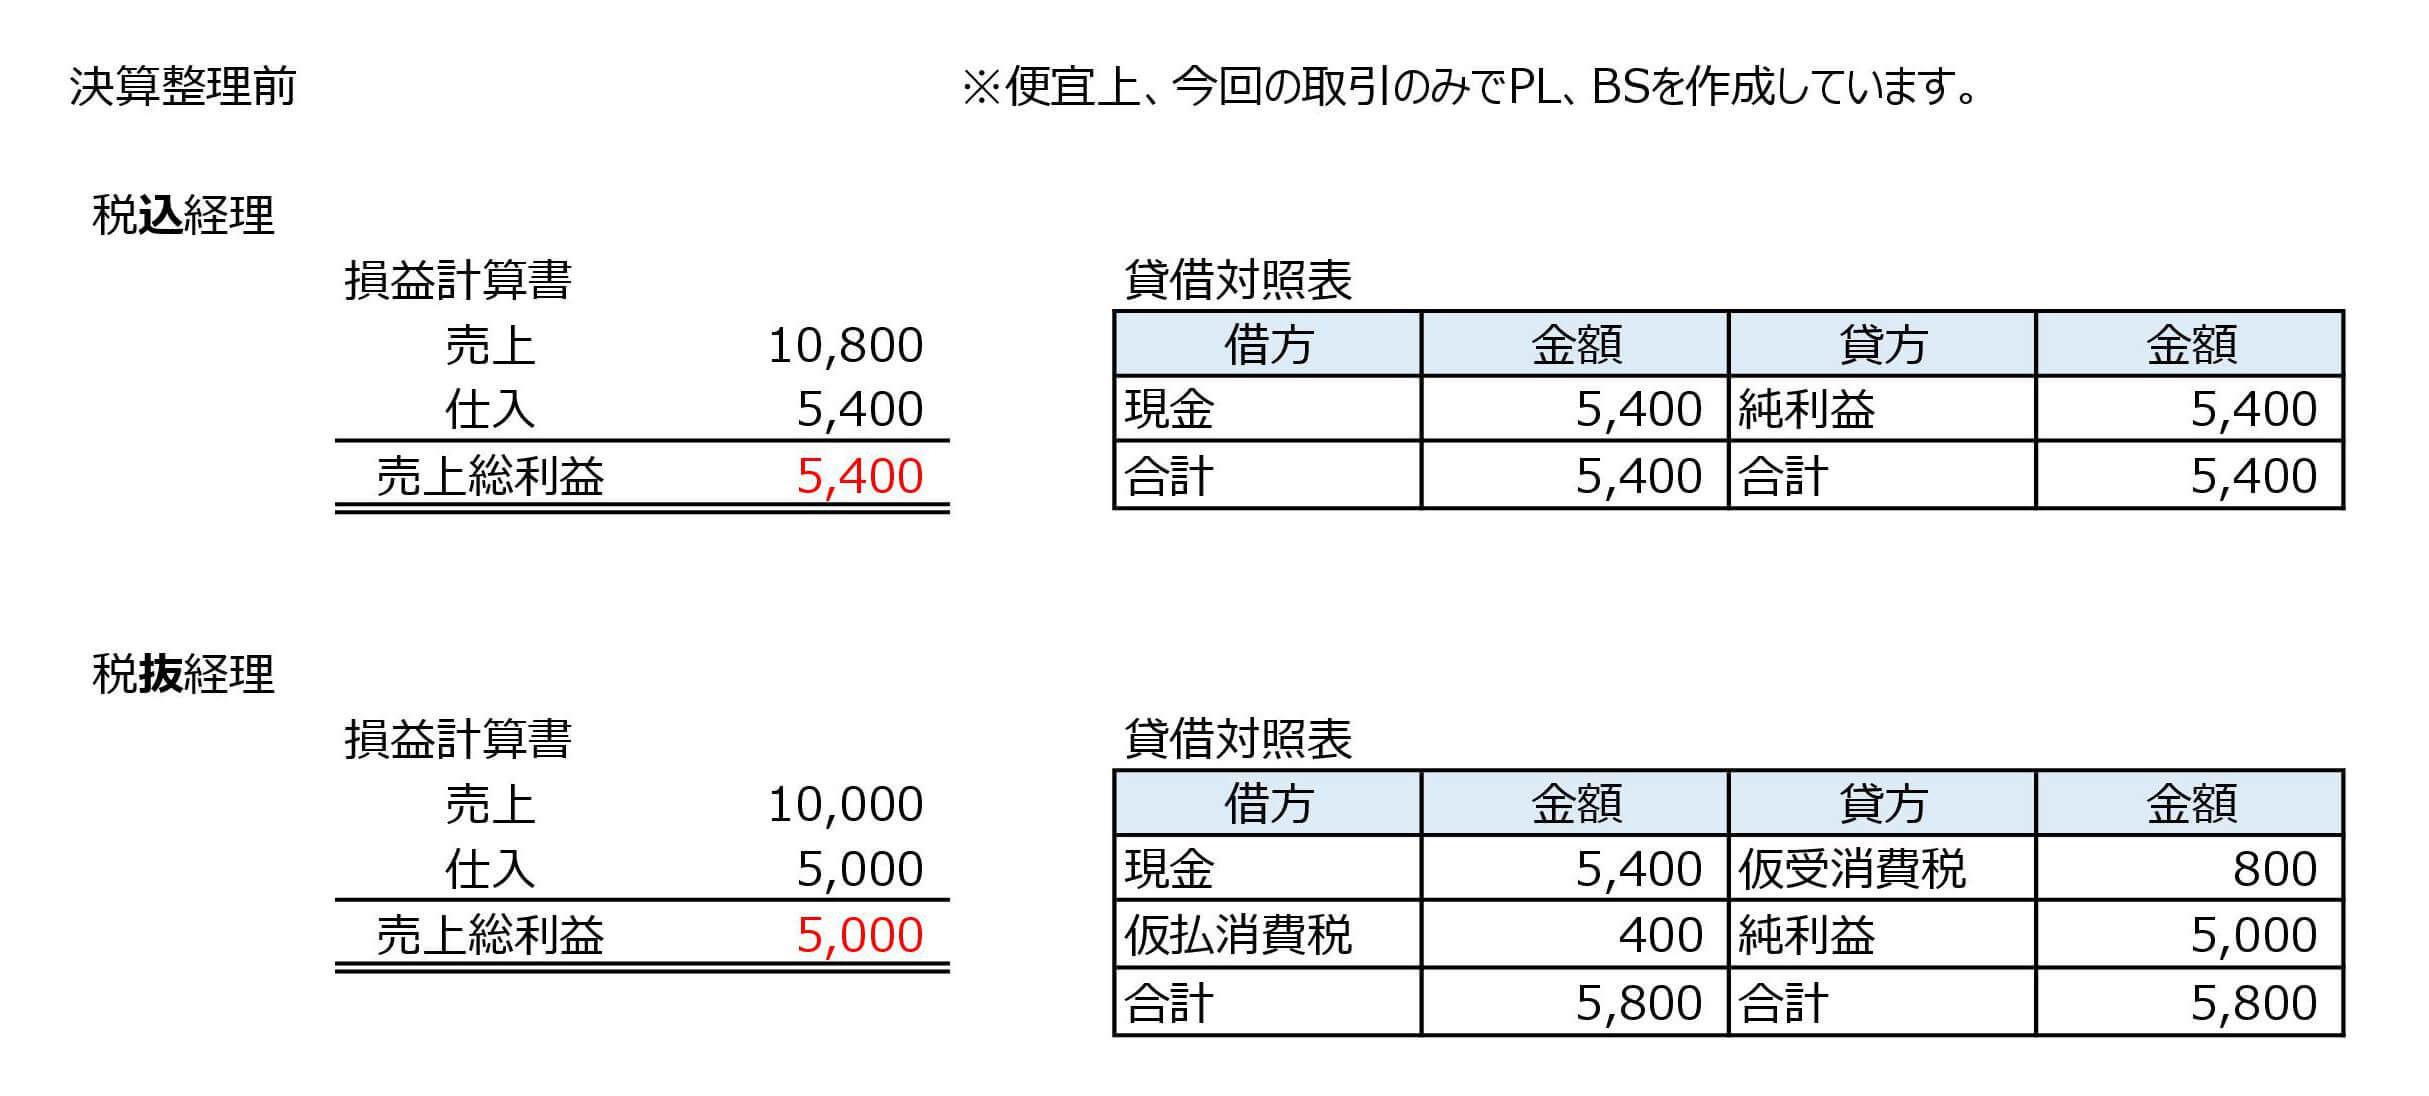 税込経理・税抜経理_PLBS決算整理前